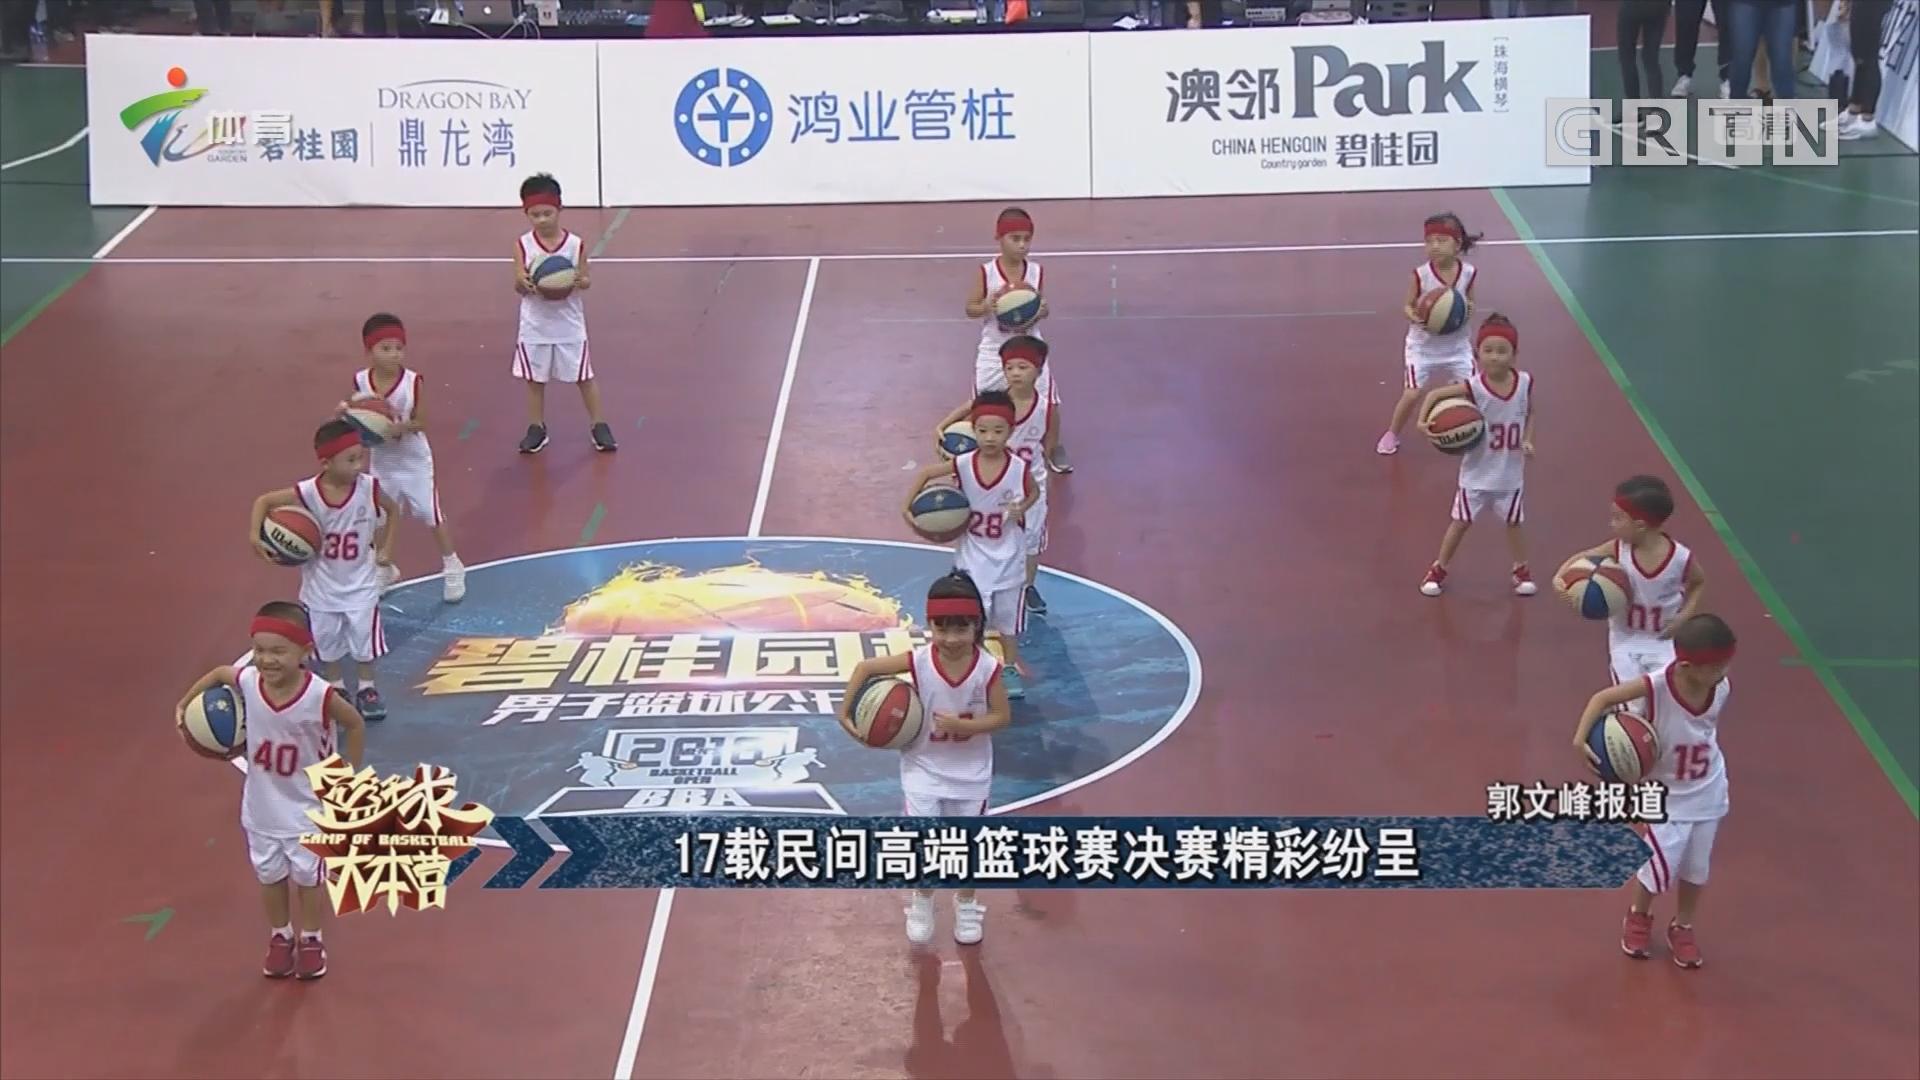 17载民间高端篮球赛决赛精彩纷呈